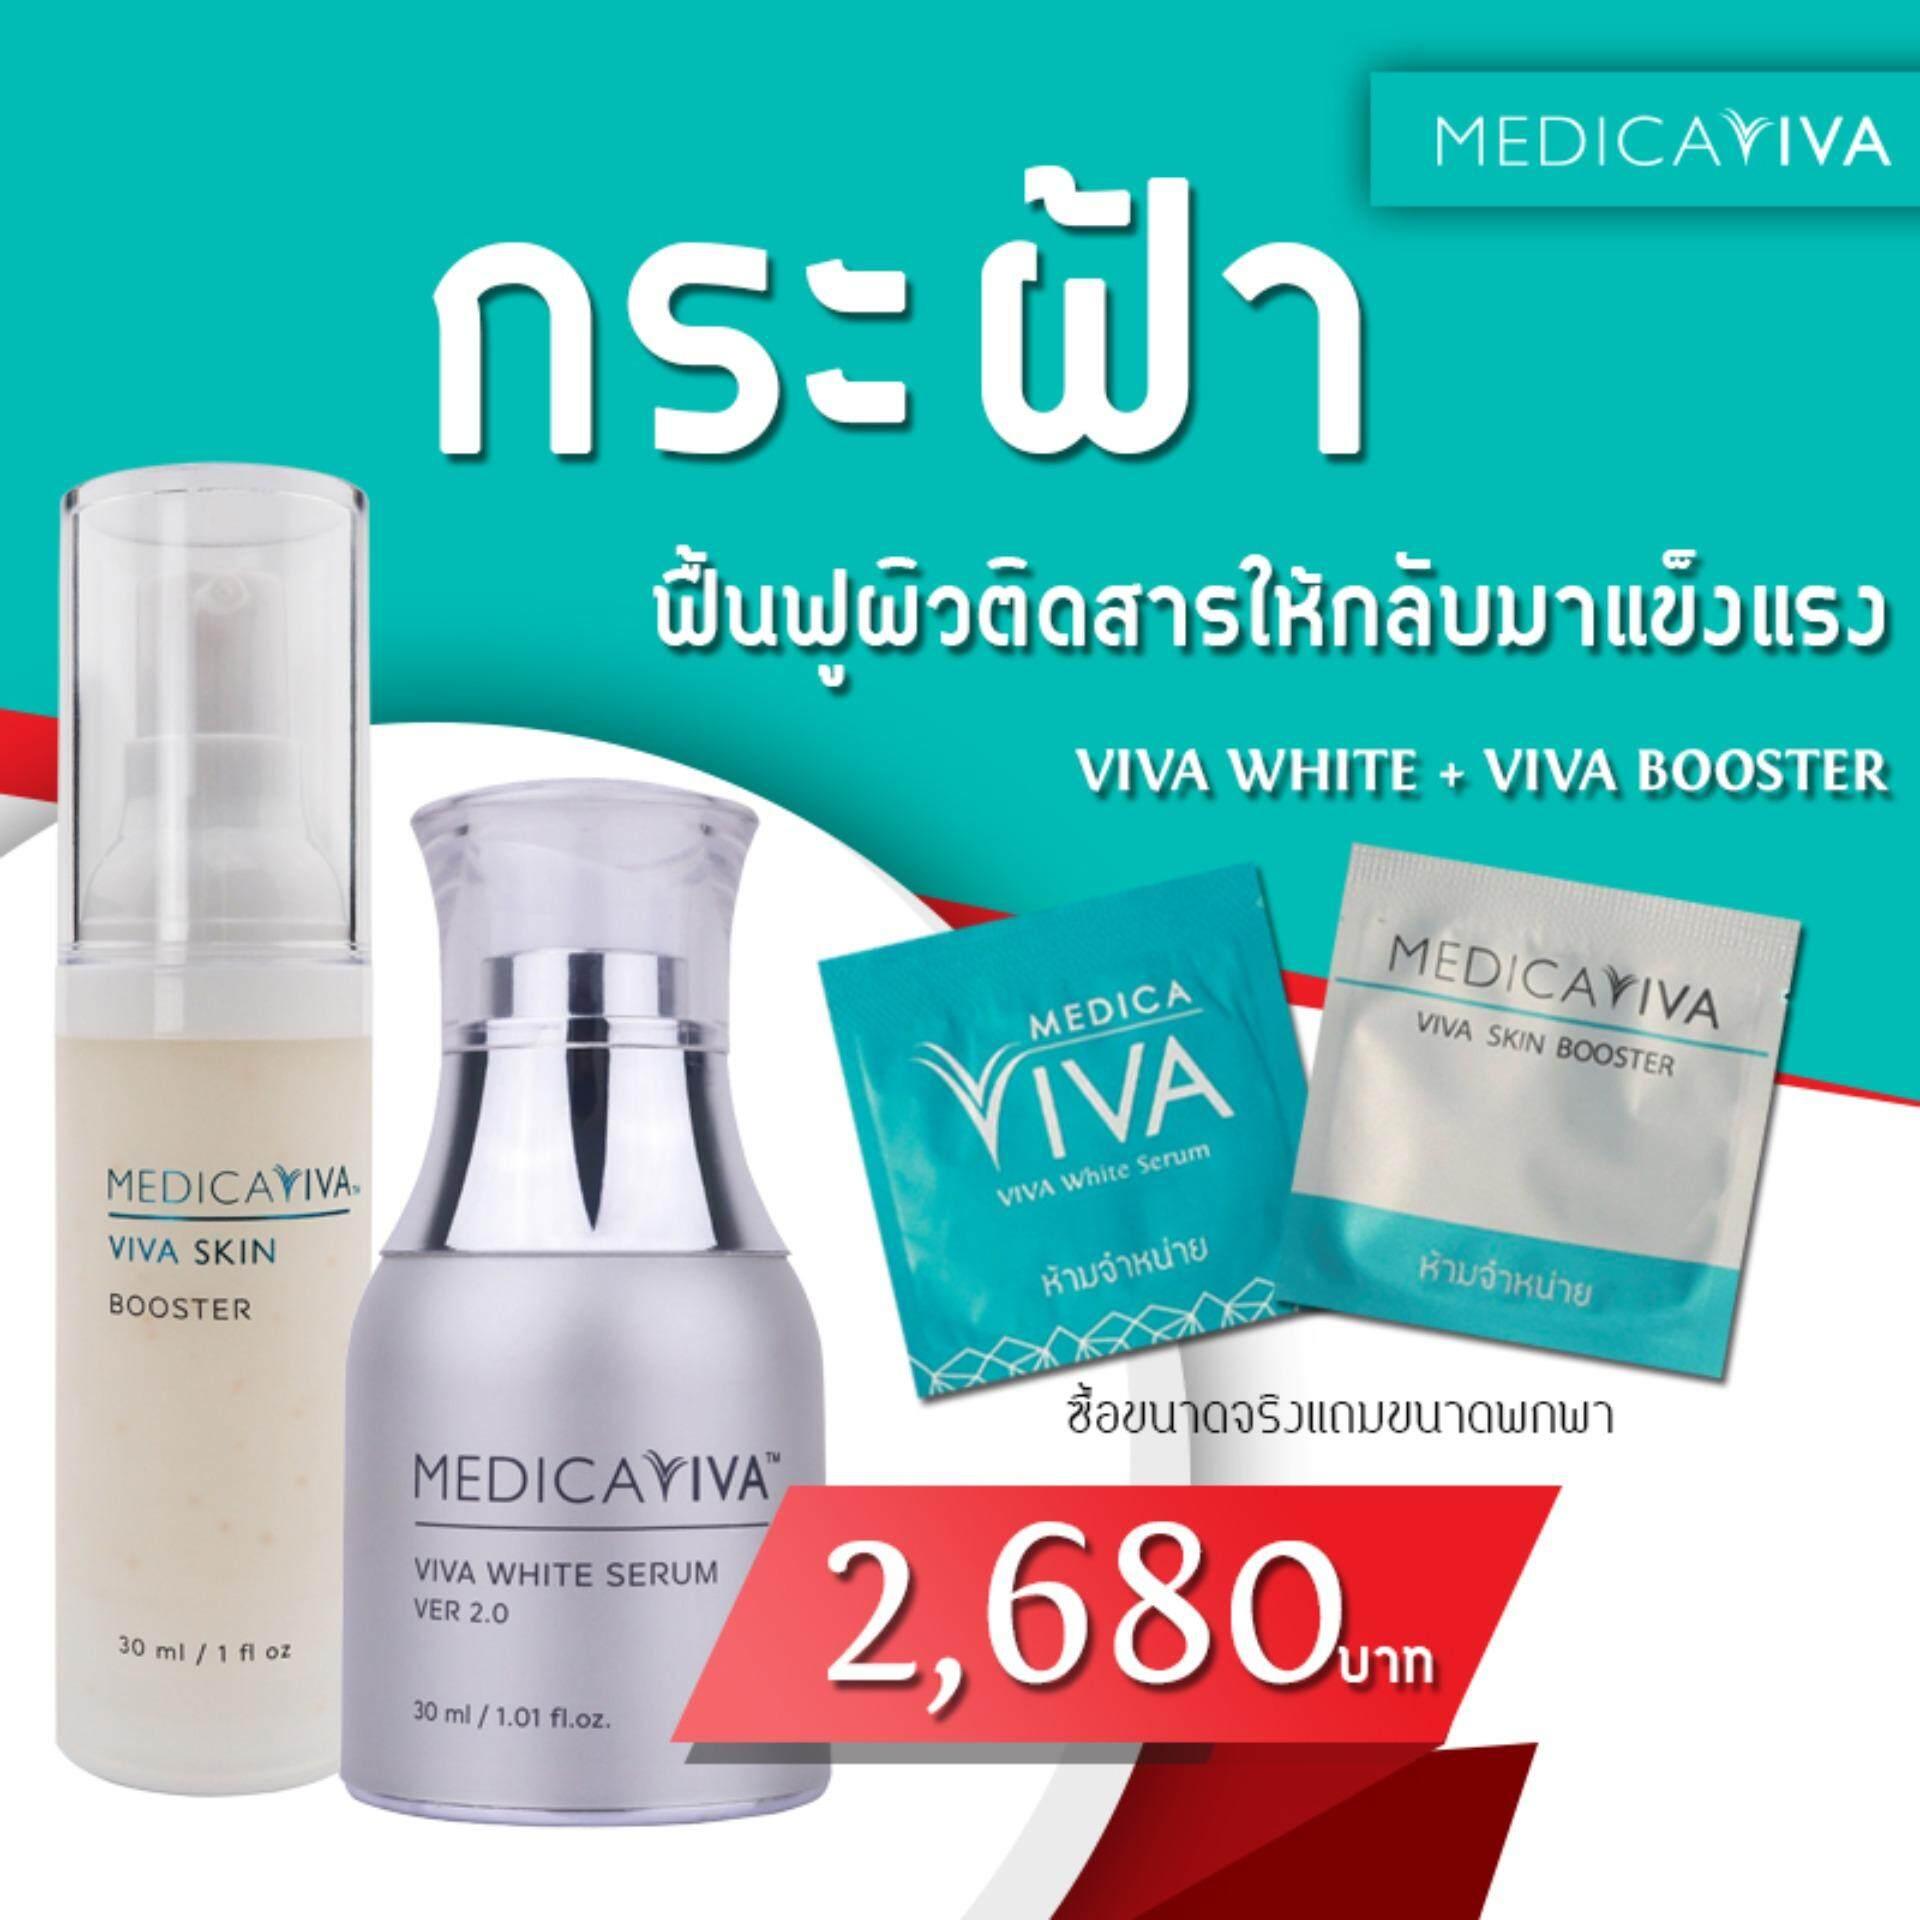 ซื้อ Medica Viva White Serum Version 2 30 Ml And Skin Booster 30 Ml เมดิก้า วิว่าเซรั่ม และ สกินบูสเตอร์ ครีมชุ่มชื้นวิว่า ออนไลน์ ถูก